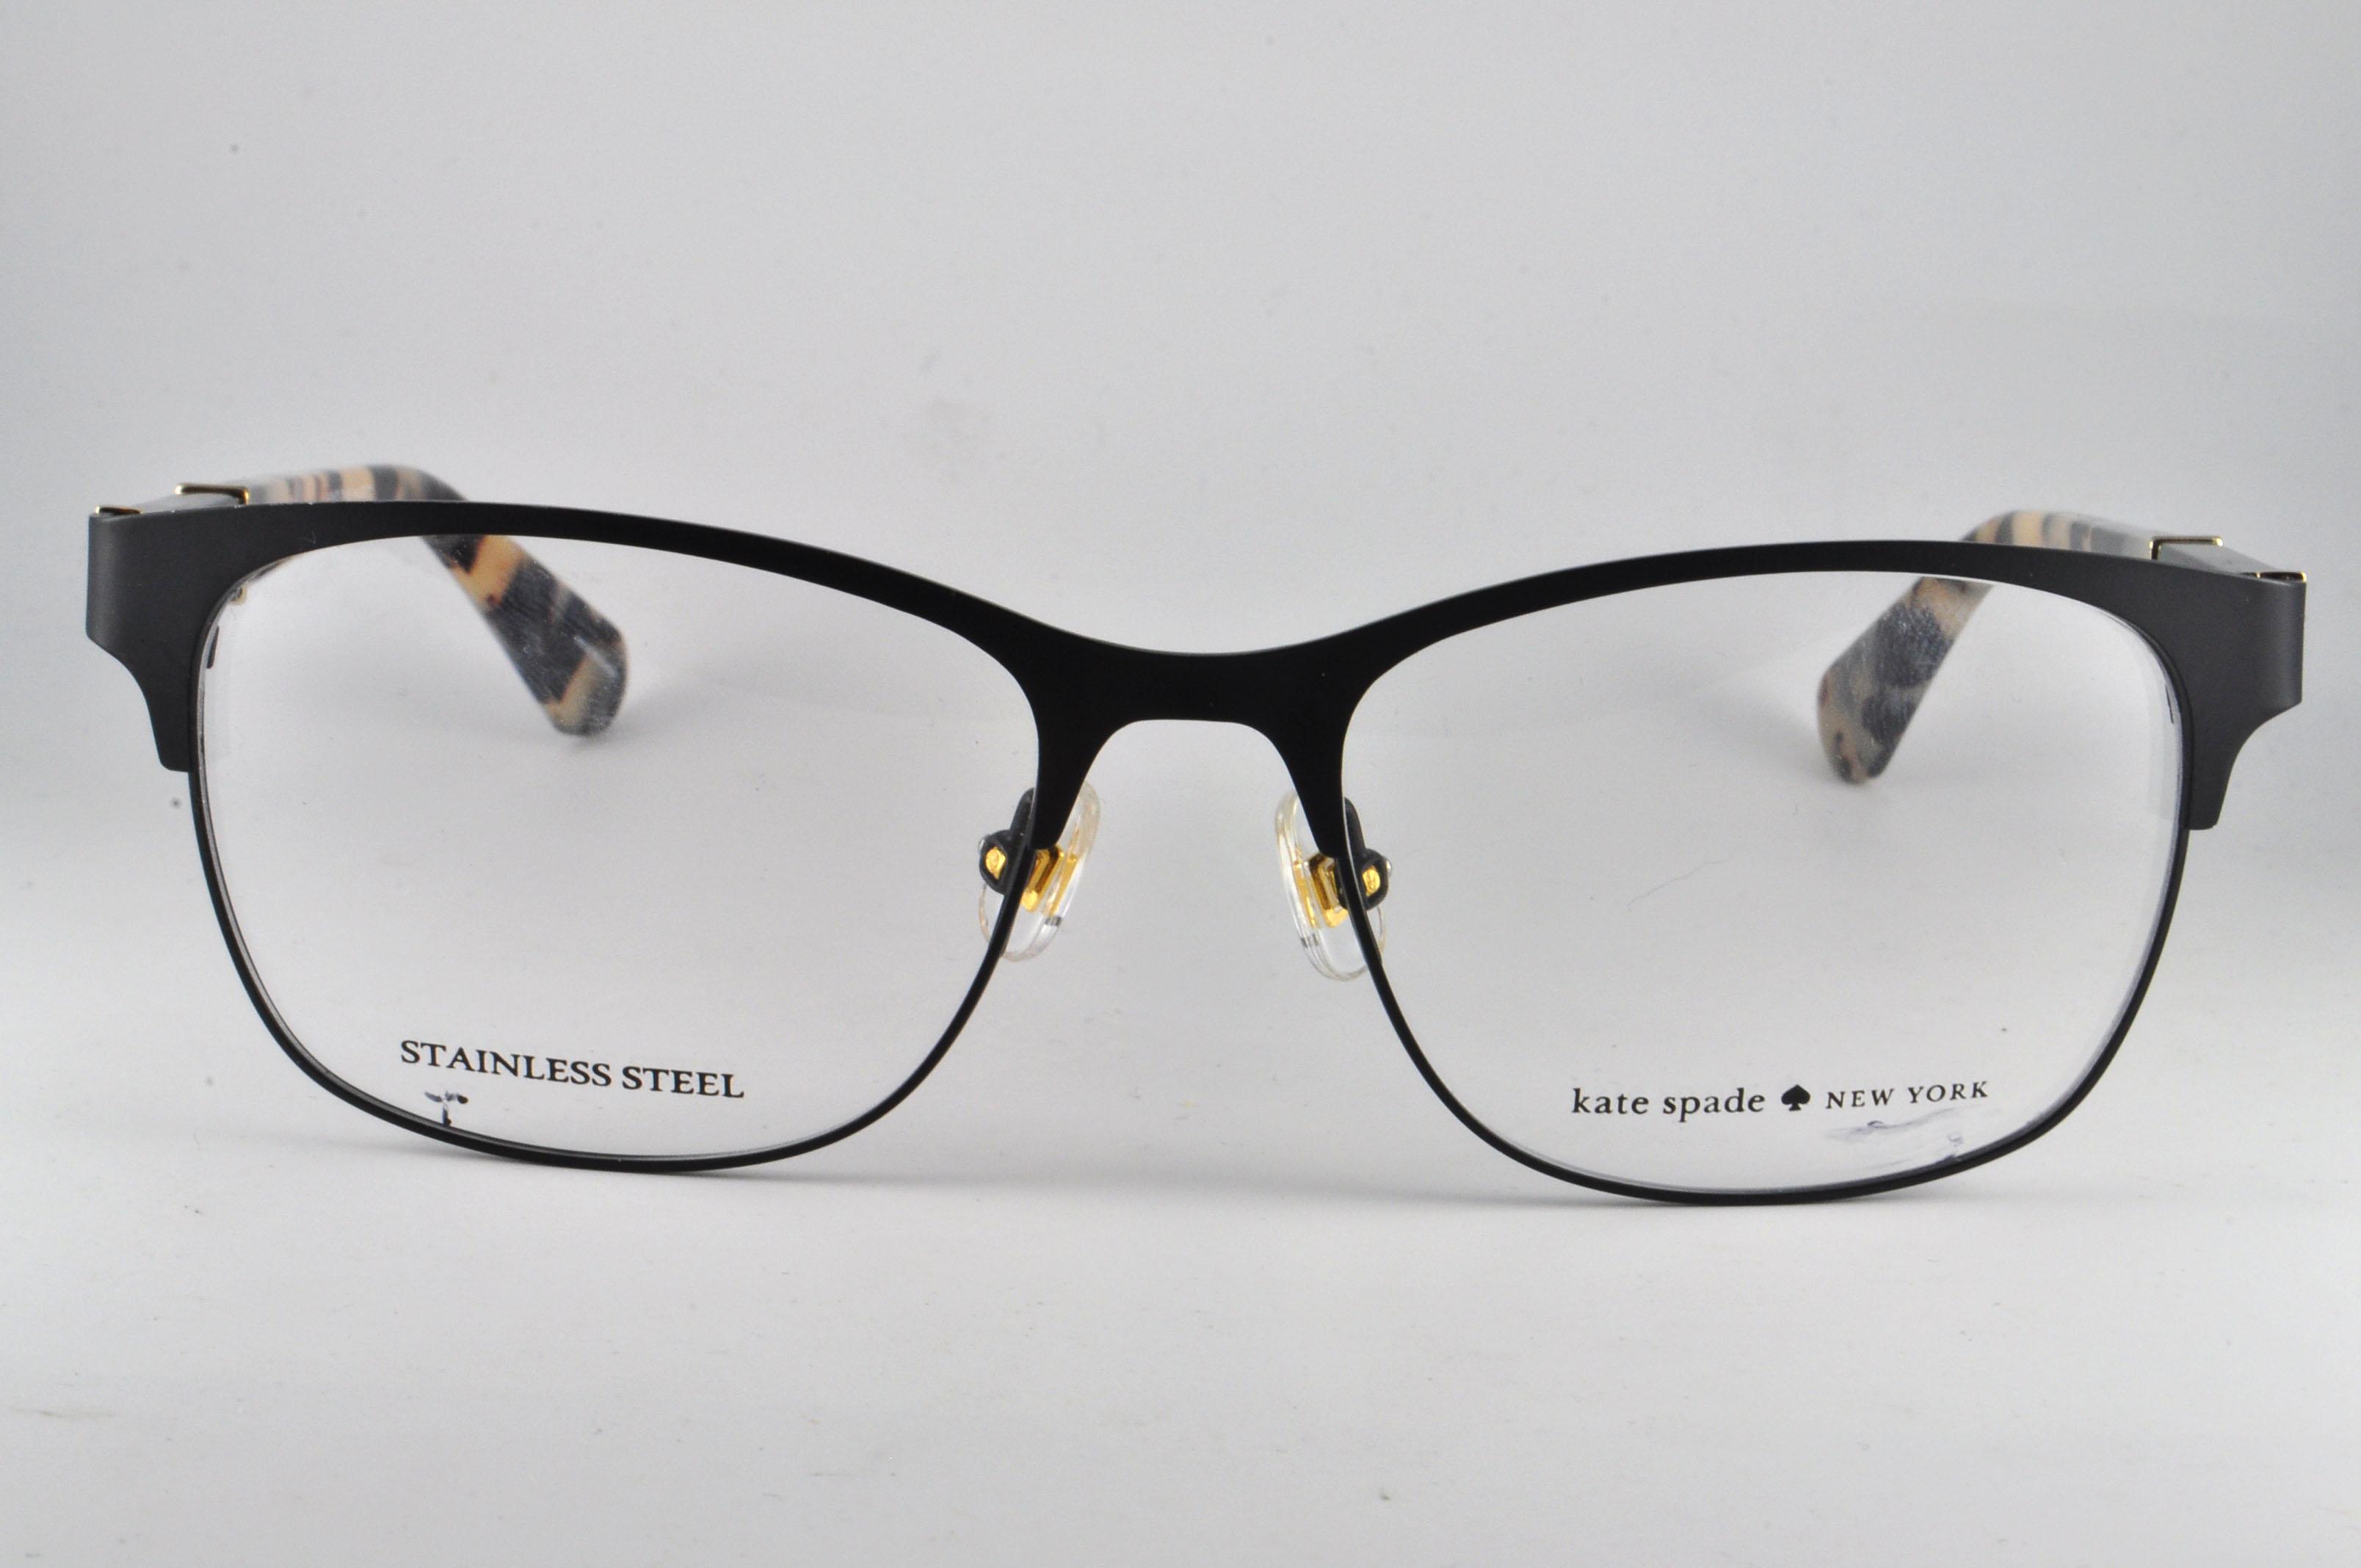 6d30d8241760 Kate Spade Eyeglasses BENEDETTA 0003 Matte Black, Size 51-16-140 ...